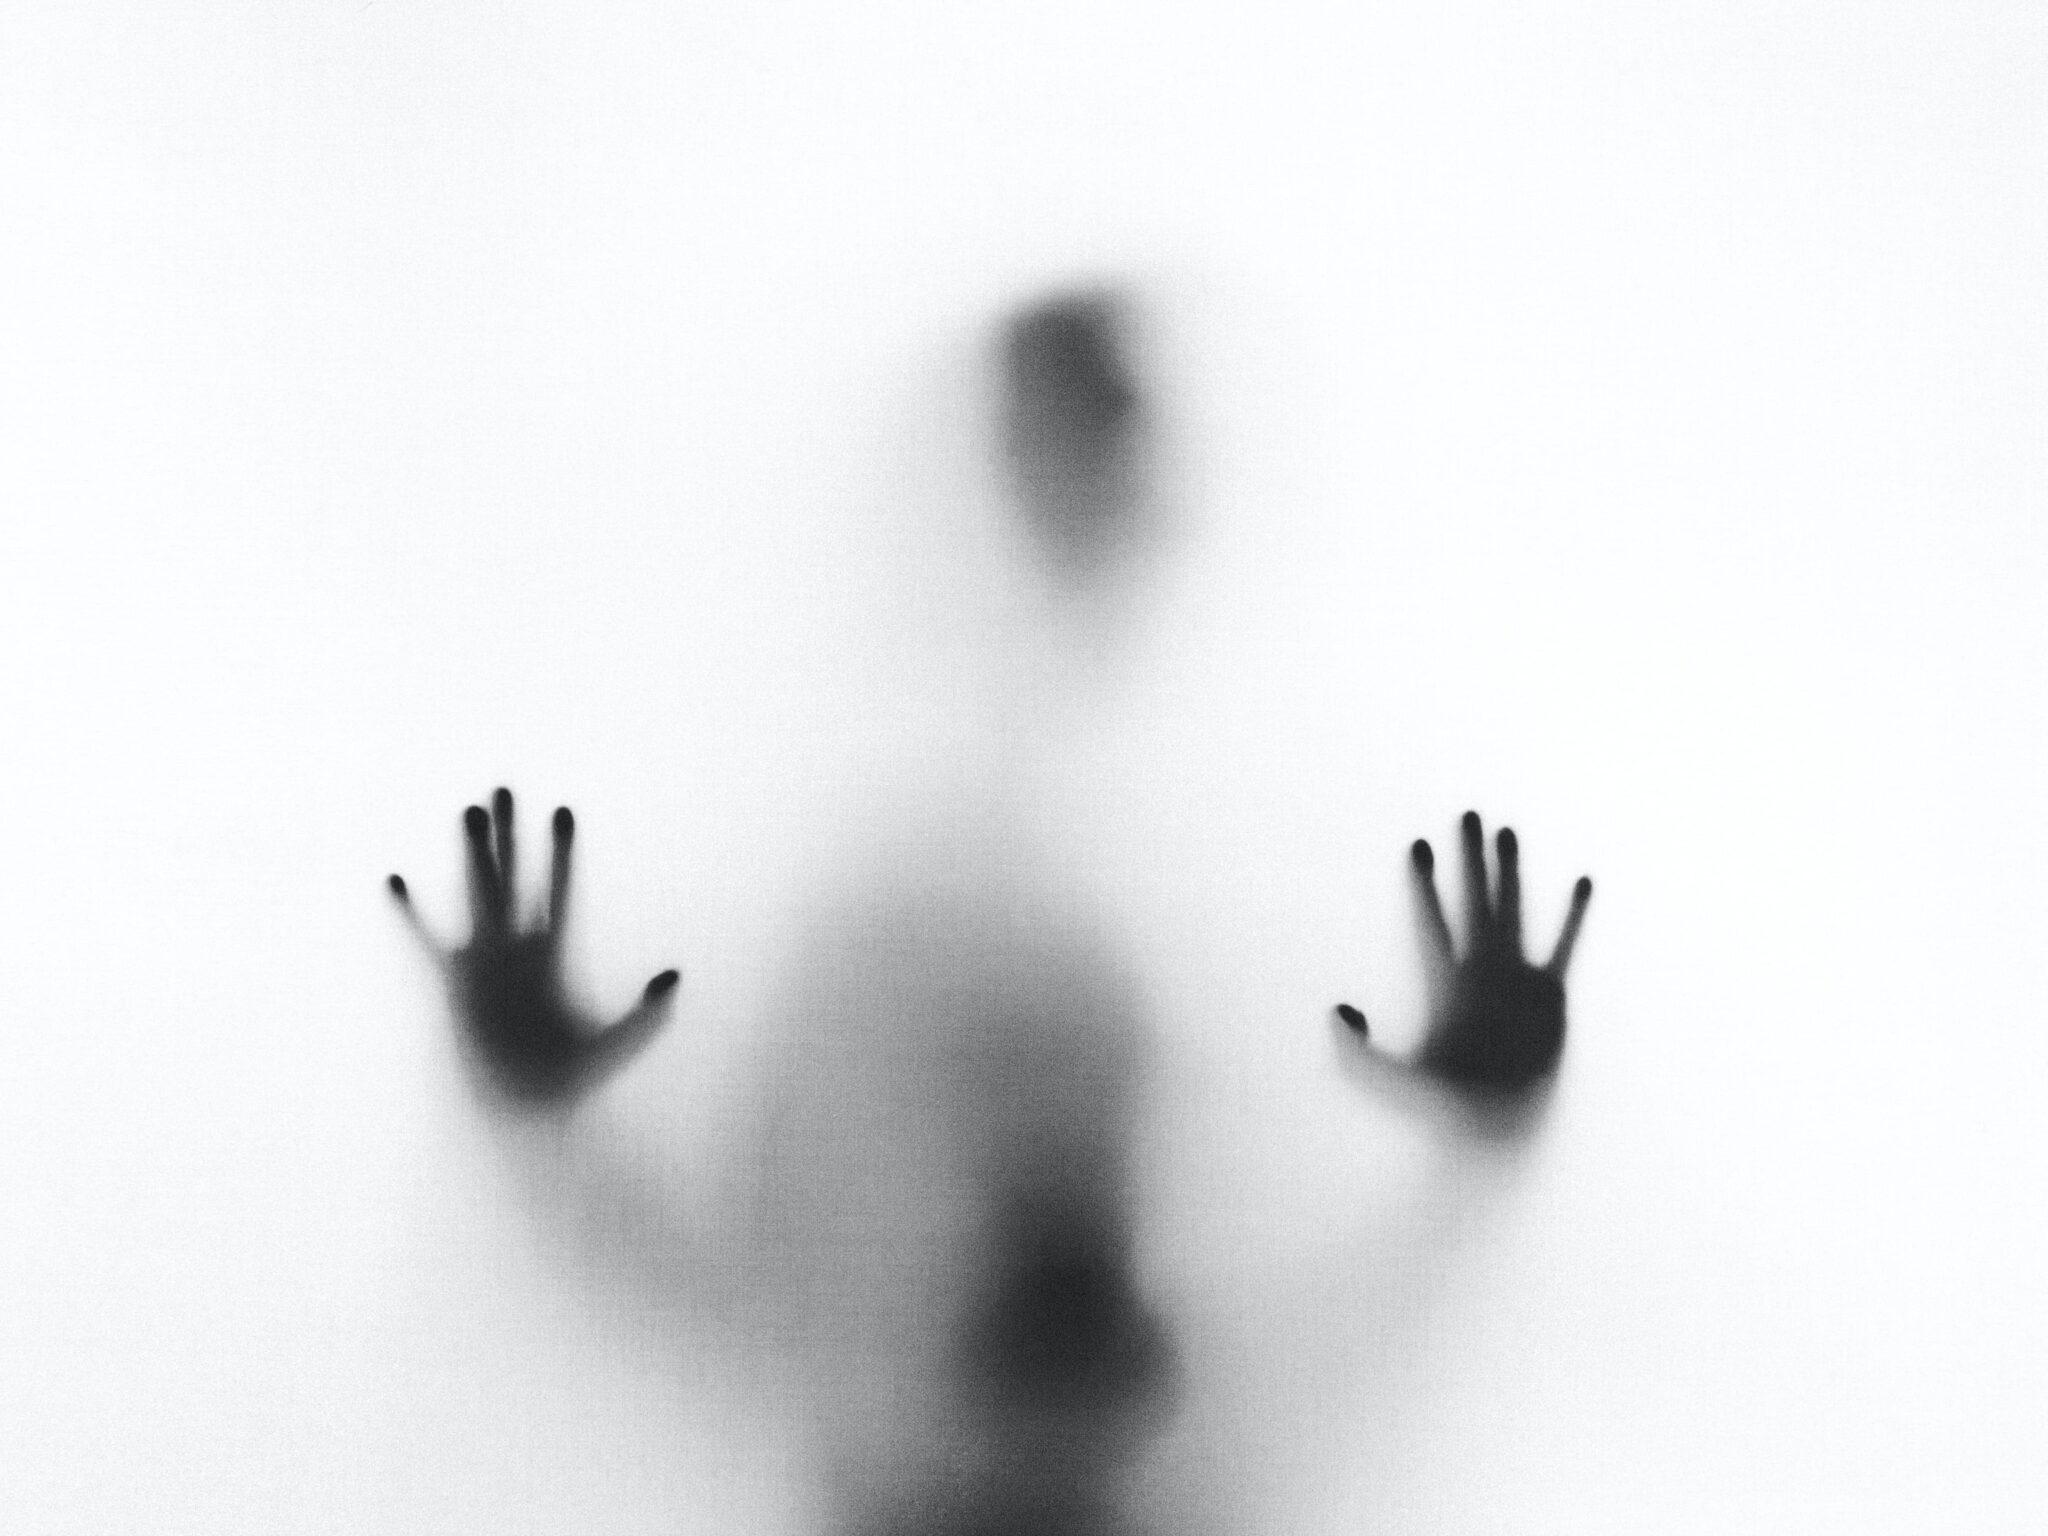 Mente del psicopata